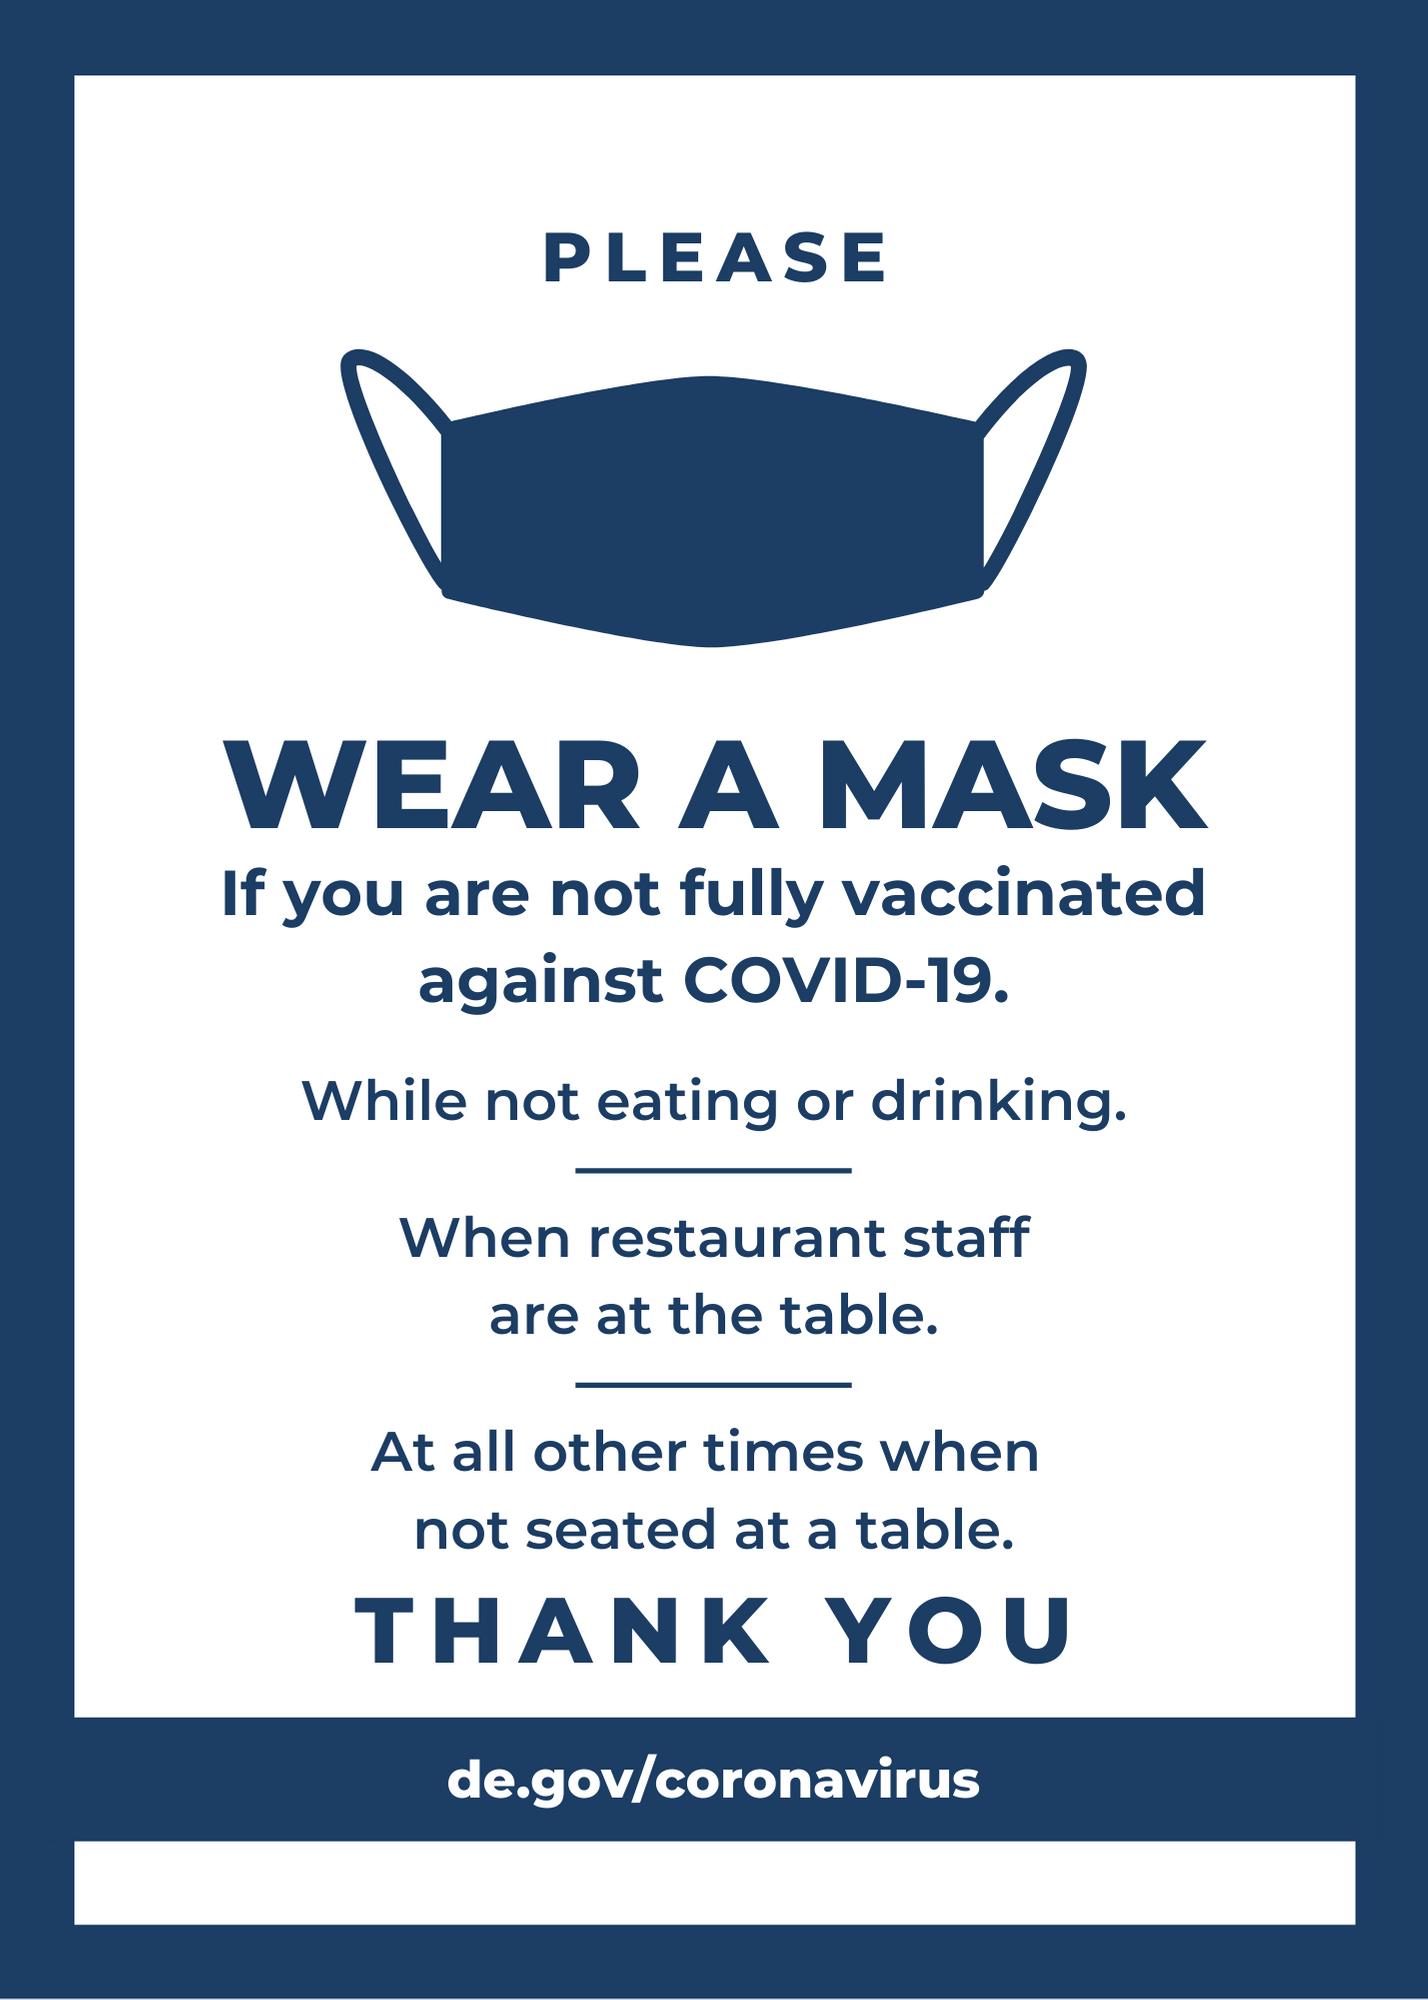 Wear a mask 4x6 - Restaurant guidance